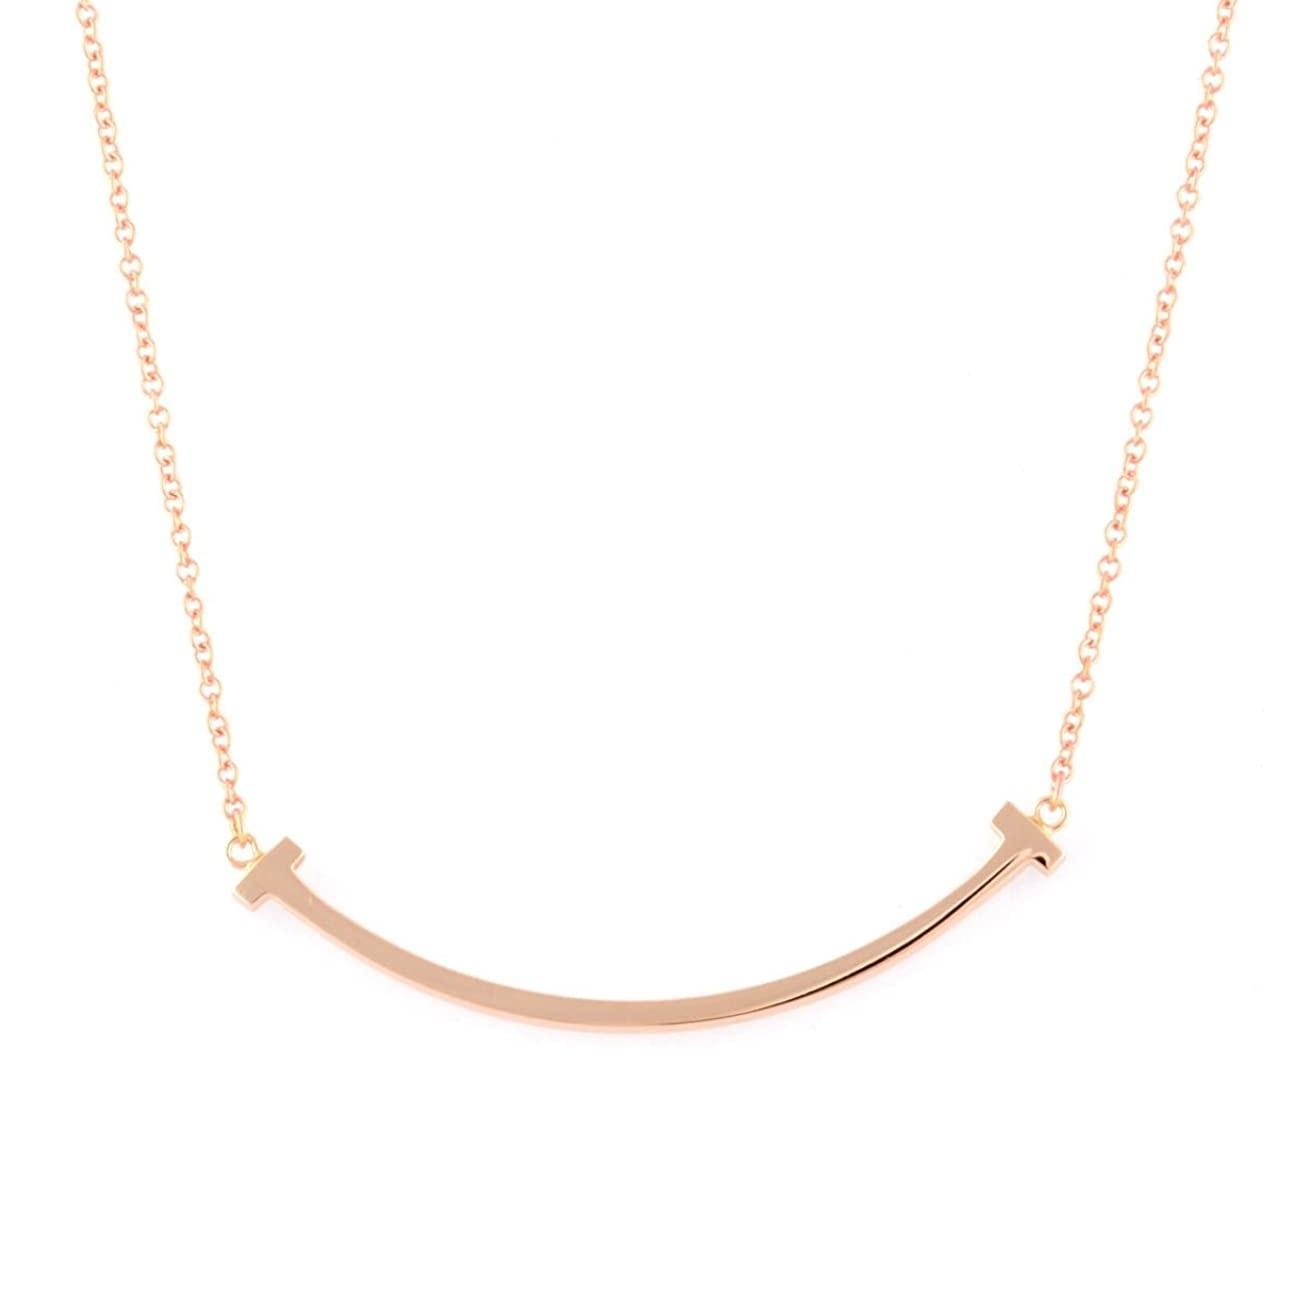 Tiffany & Co 蒂芙尼 T系列 18K玫瑰金Smile 项链小号 35189432